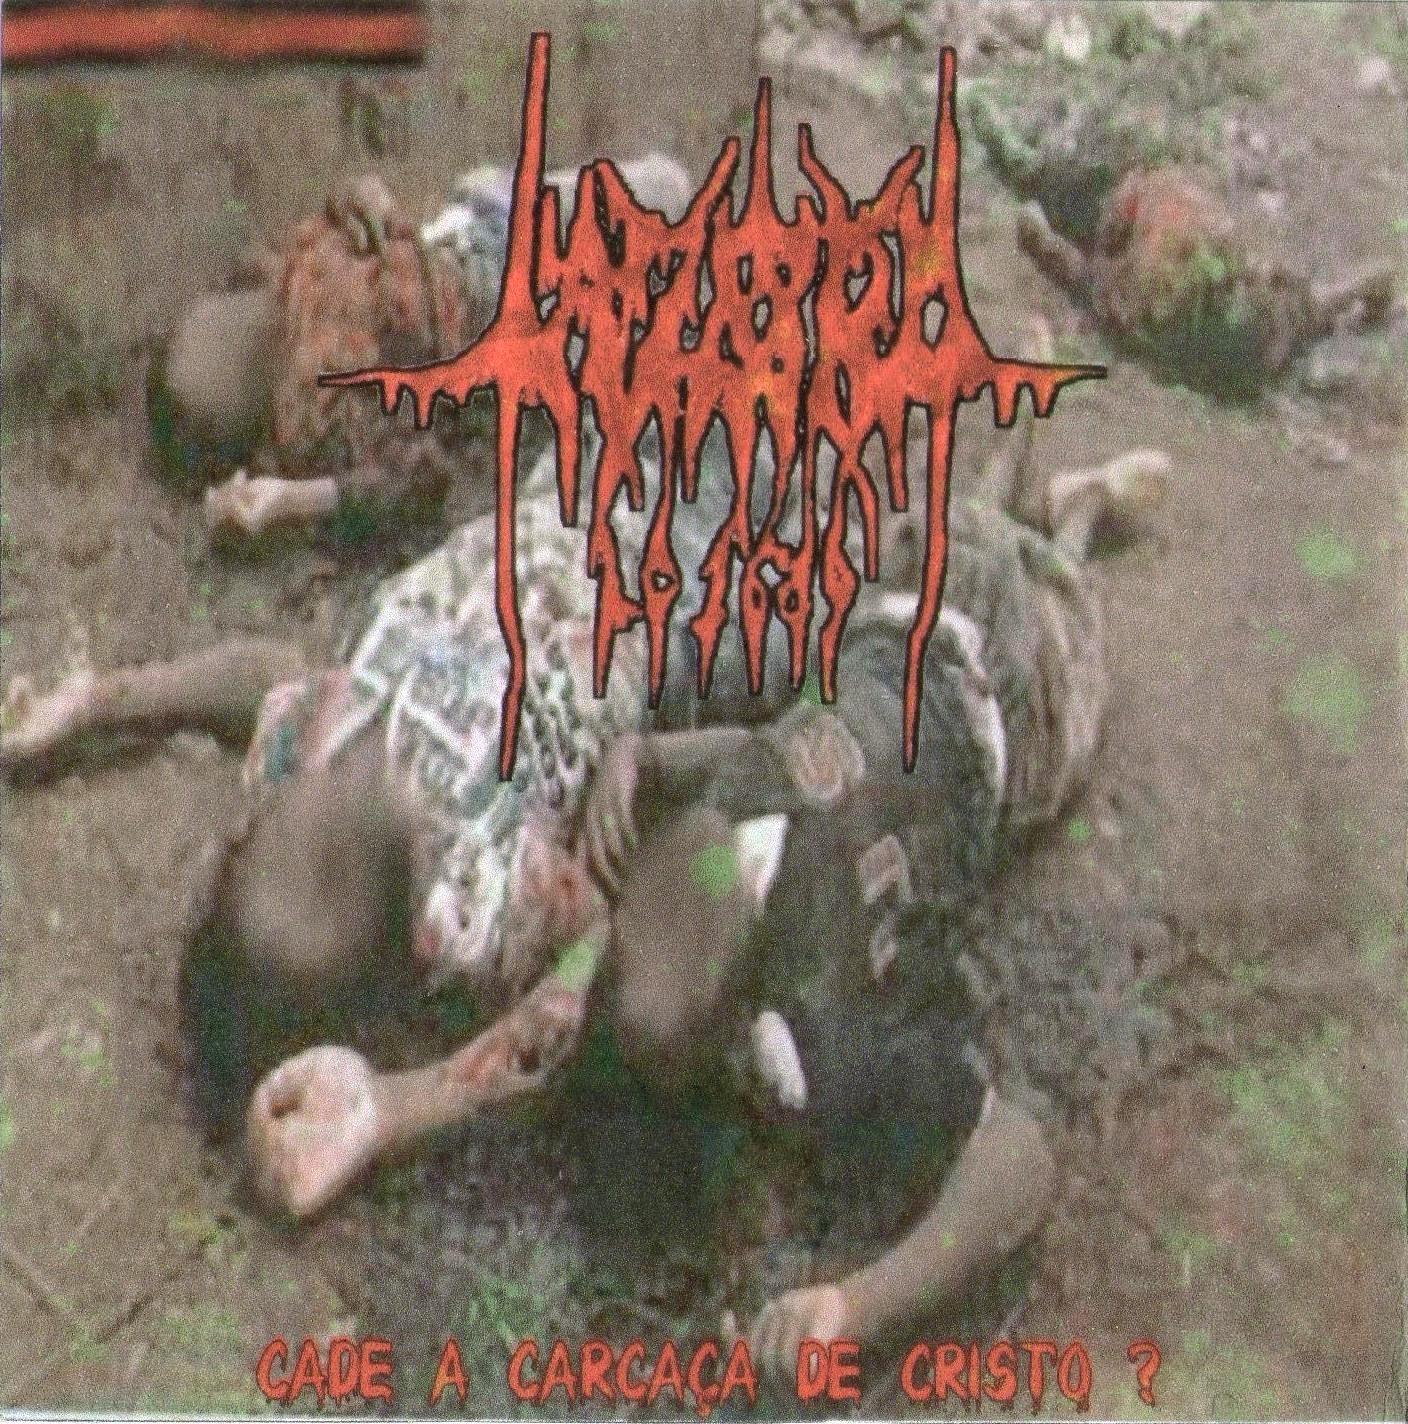 Lázaro - Cade A Carcaça de Cristo? (Demo Ao Vivo) 2007